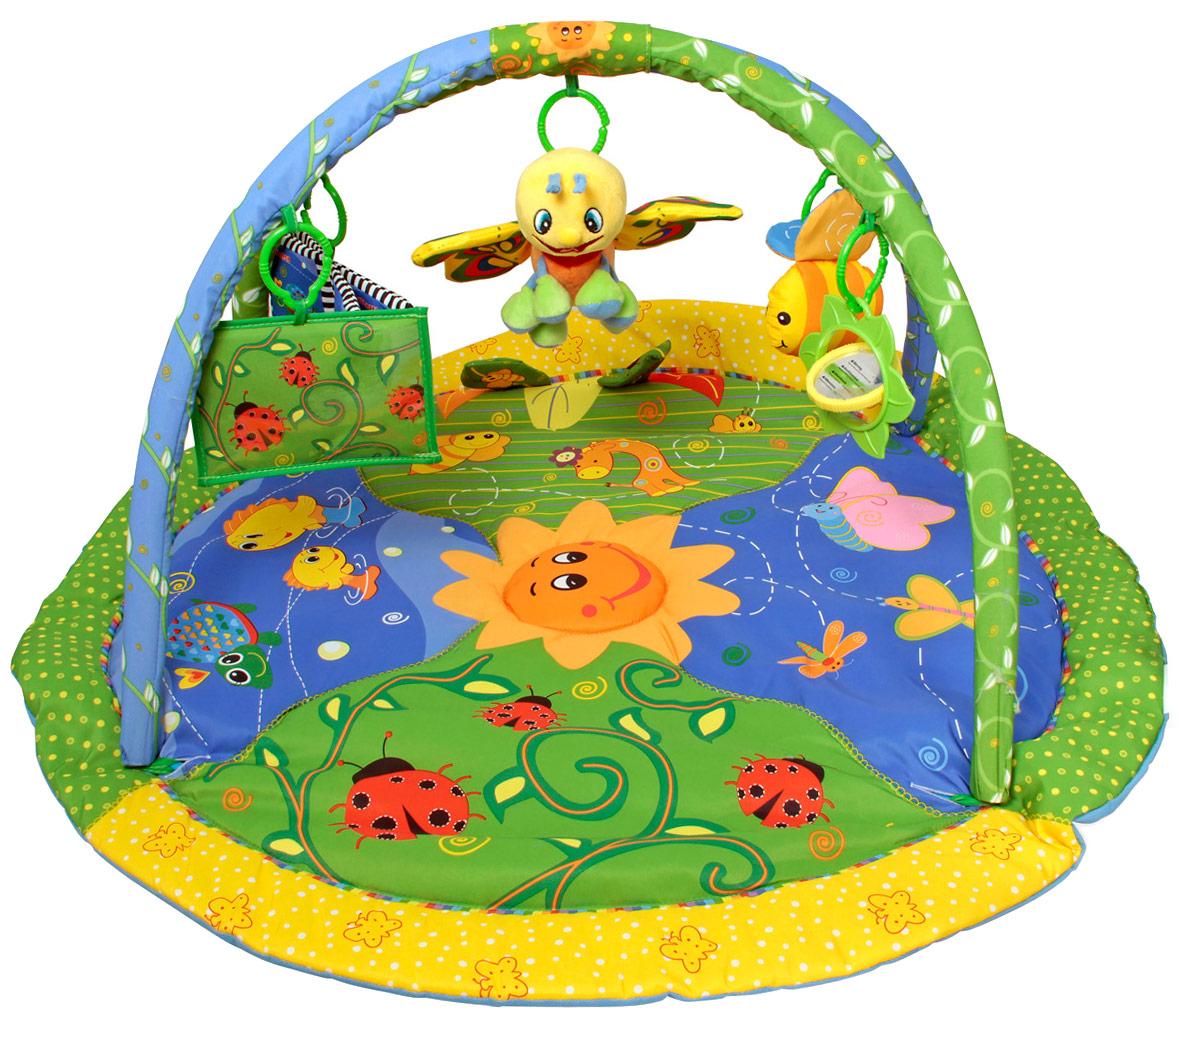 Ути-Пути Развивающий коврик Цветущий сад25992Особенности: в комплекте - овальный коврик , по краям которого - объемный кант контрастного цвета, две игровые дуги, четыре игрушки-подвески: круглое зеркальце, тканевая пчелка с шуршащими элементами, мягкая книжка, музыкальная бабочка. Высота дуг 45 см.